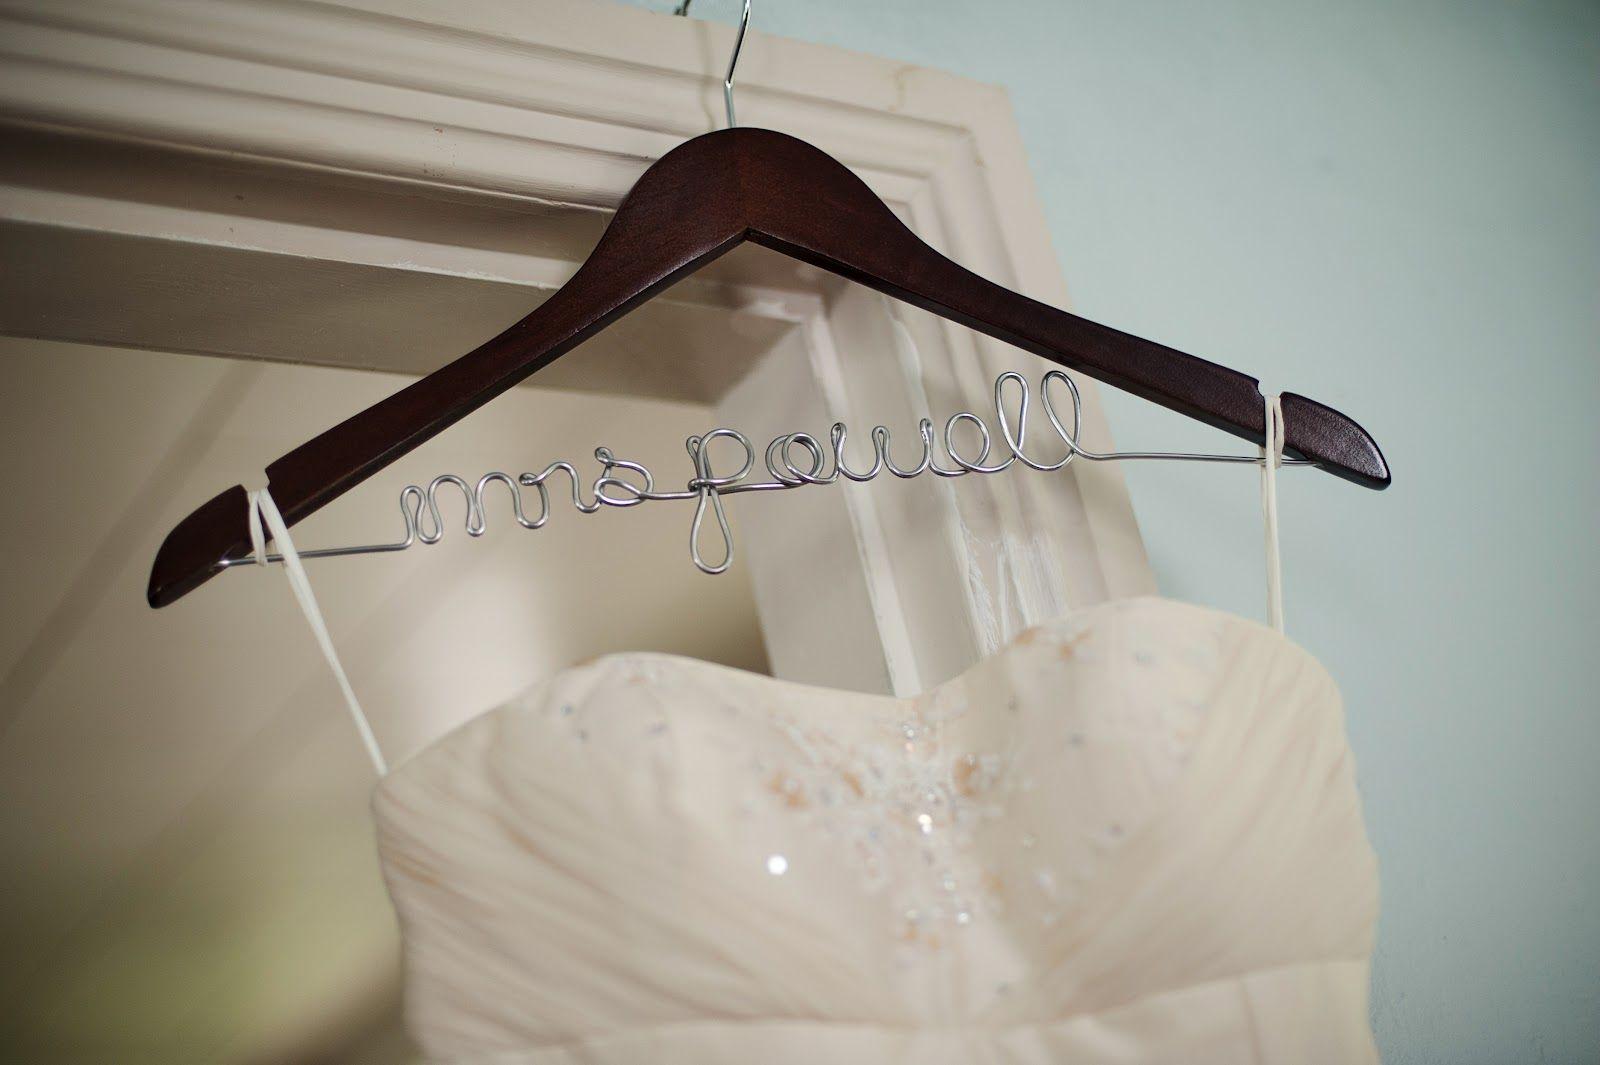 Novel Wedding Gifts: Grosgrain: Wooden Wire Name Hangers DIY